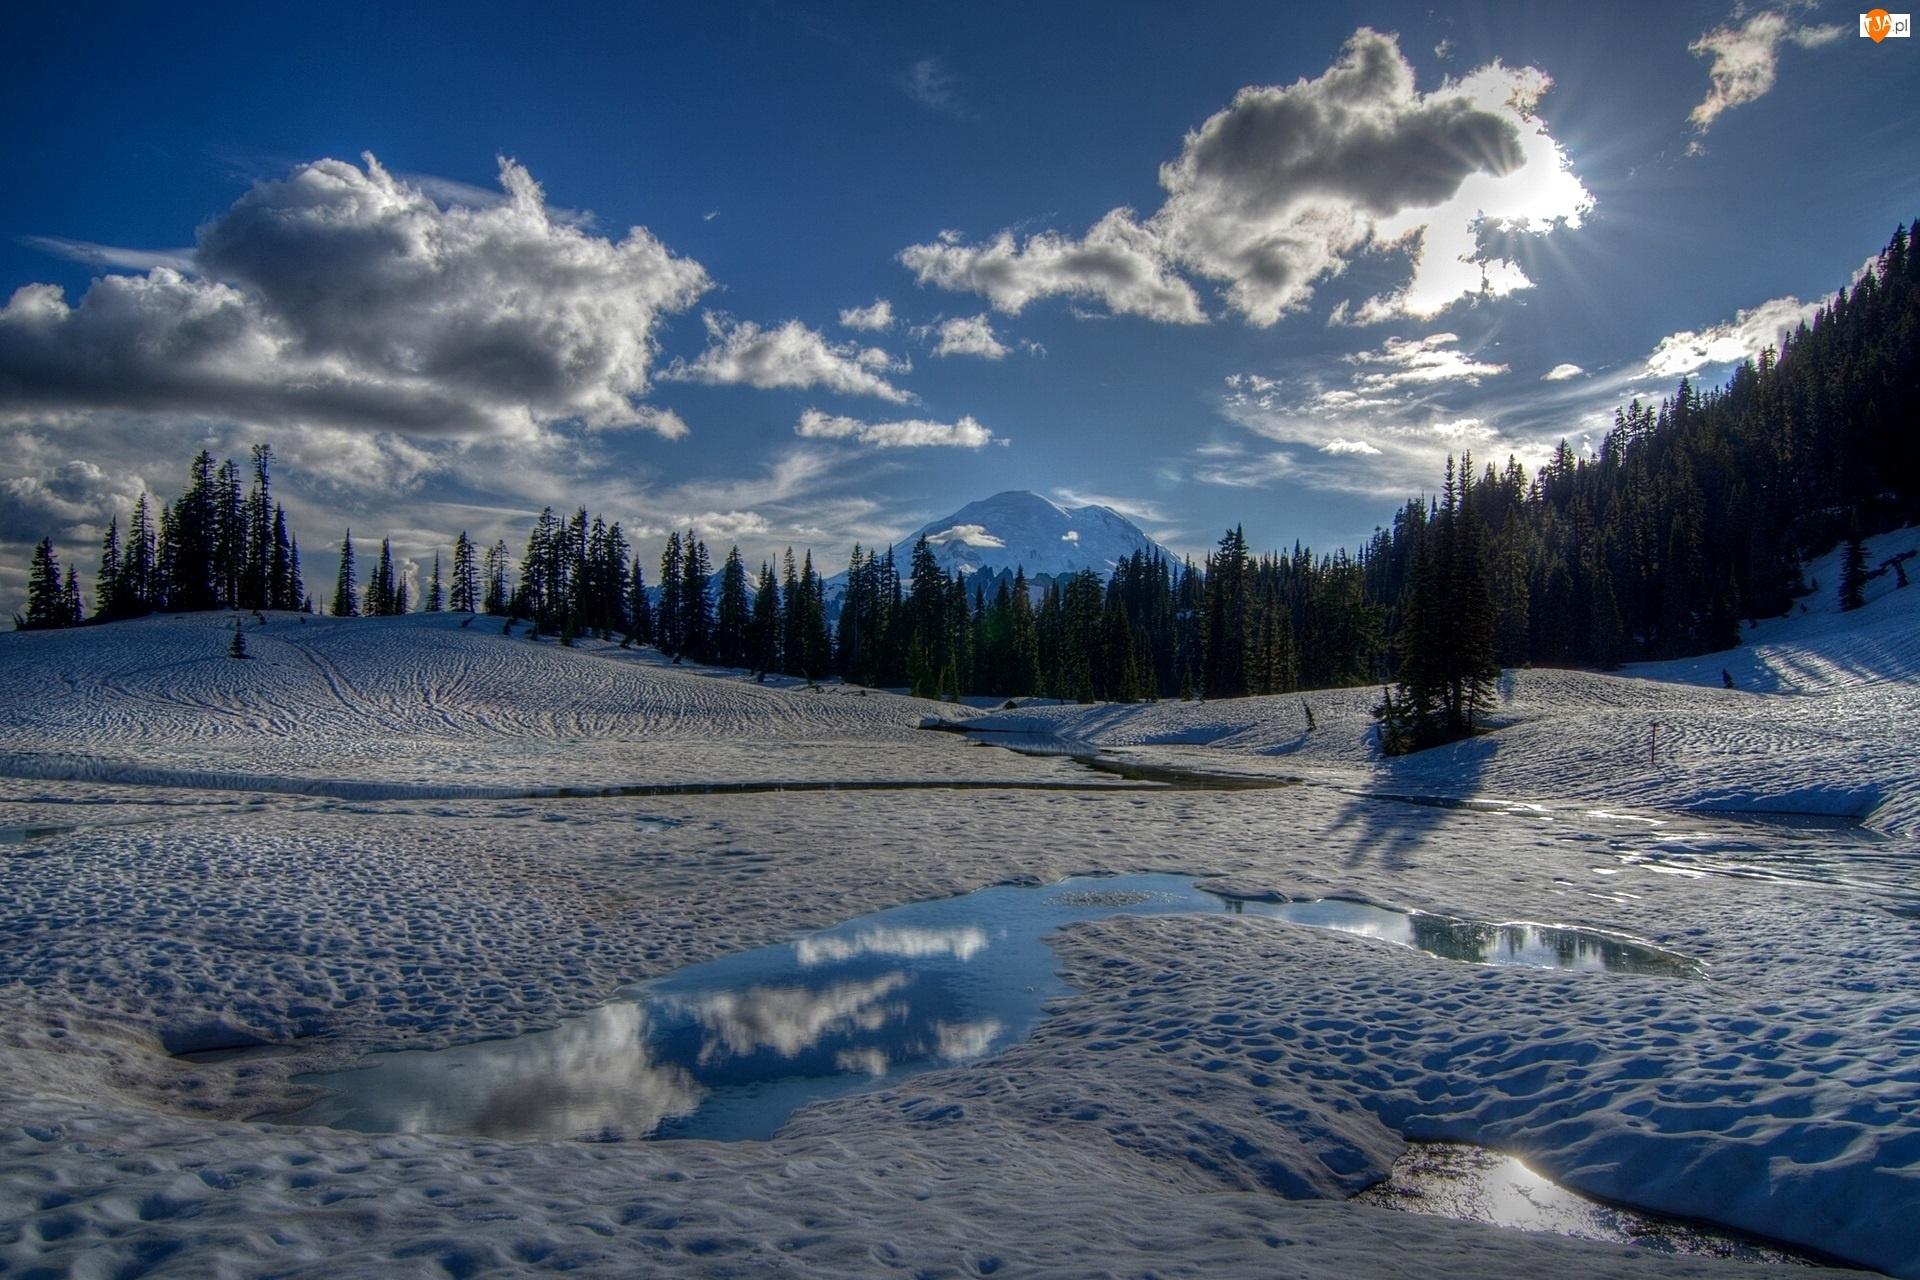 Las, Park Narodowy Mount Rainier, Zima, USA, Jezioro Tipsoo, Promienie Słońca